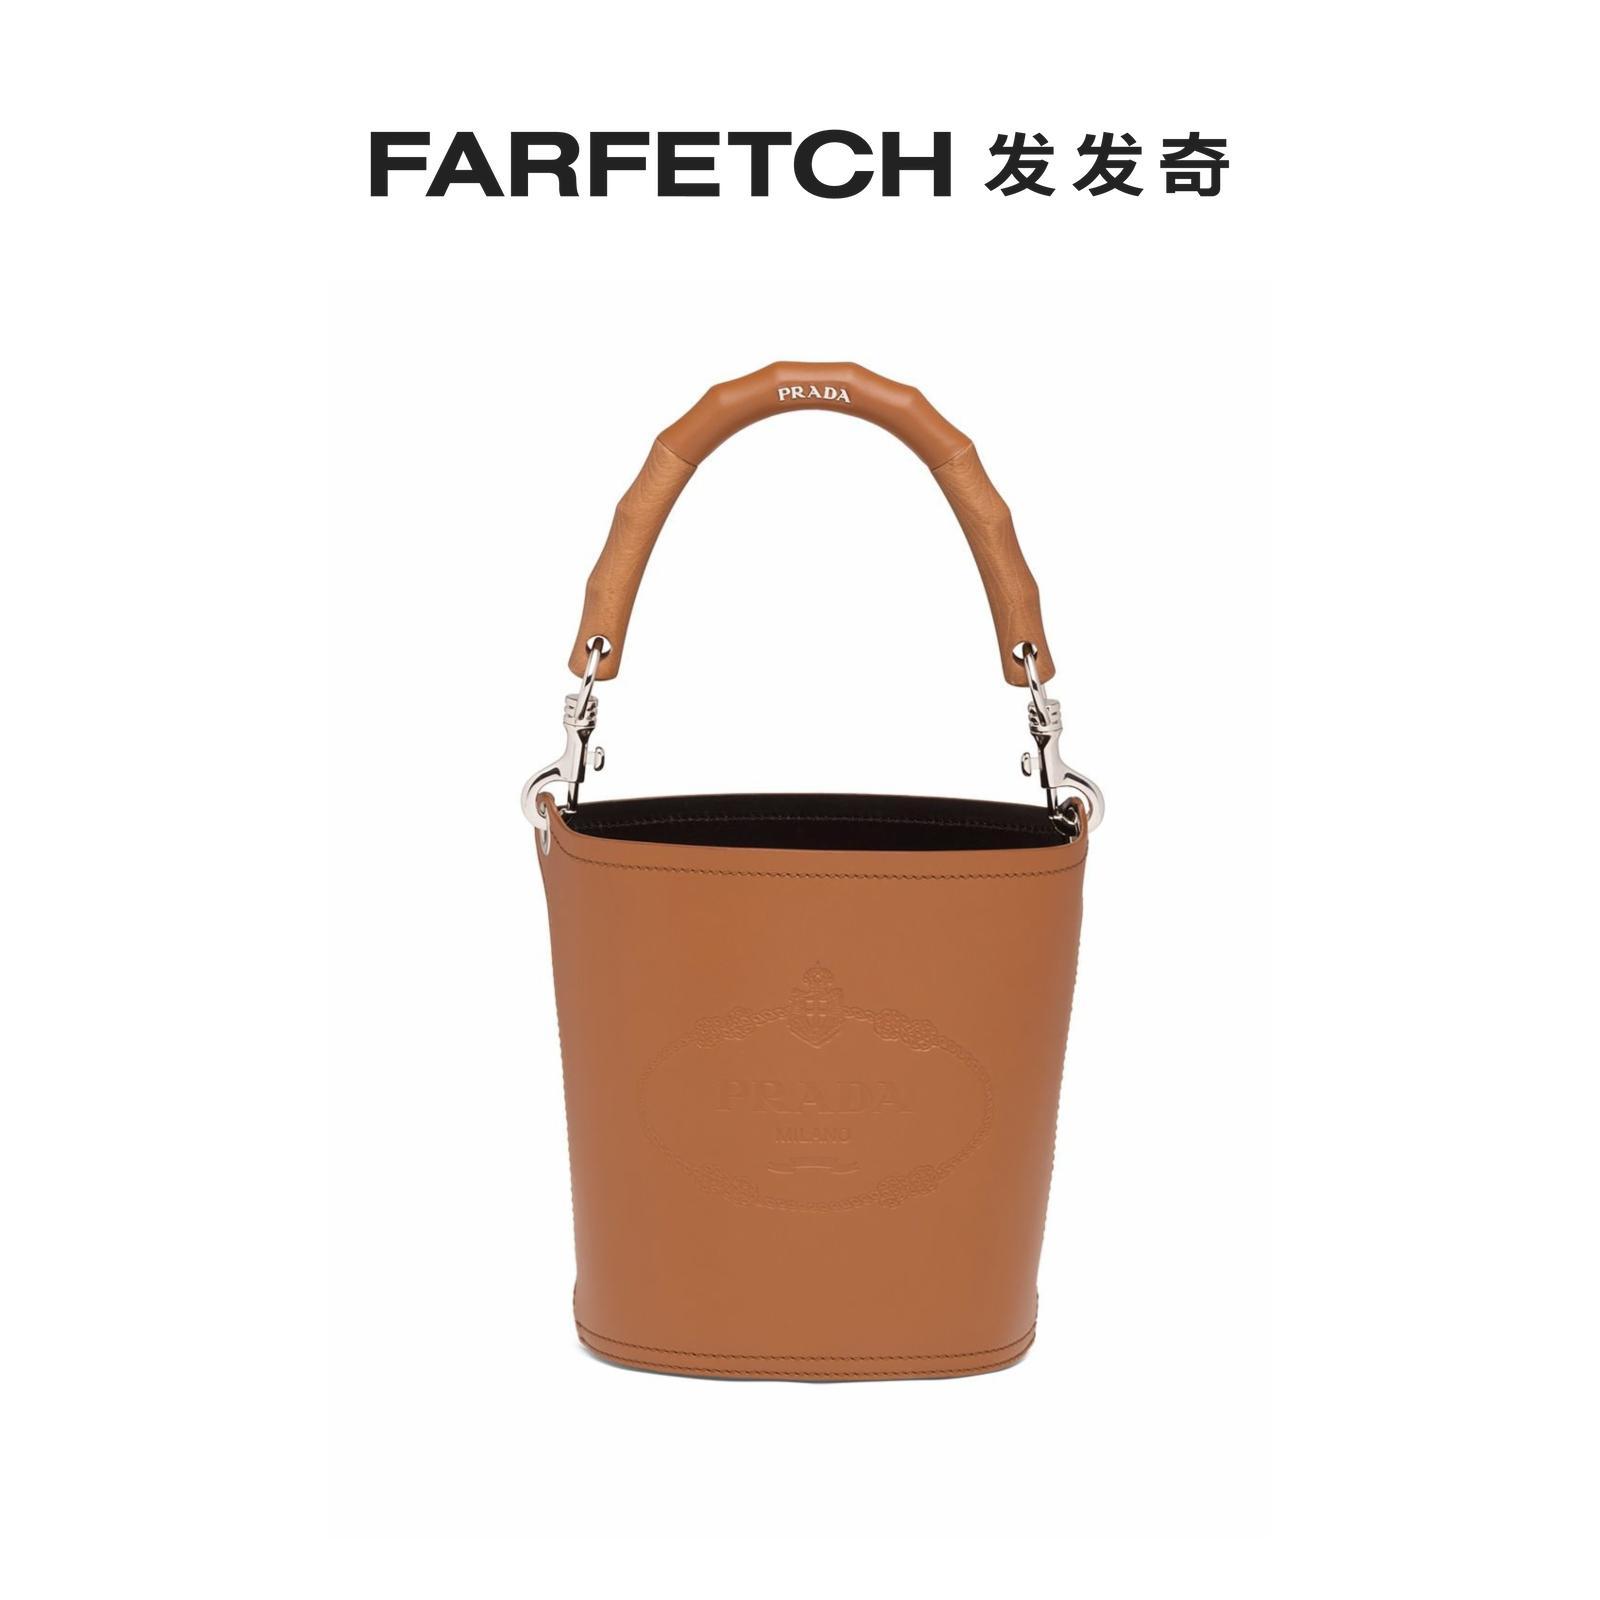 prada水桶包 [新品]Prada普拉达女士木质手柄水桶包FARFETCH发发奇_推荐淘宝好看的prada水桶包